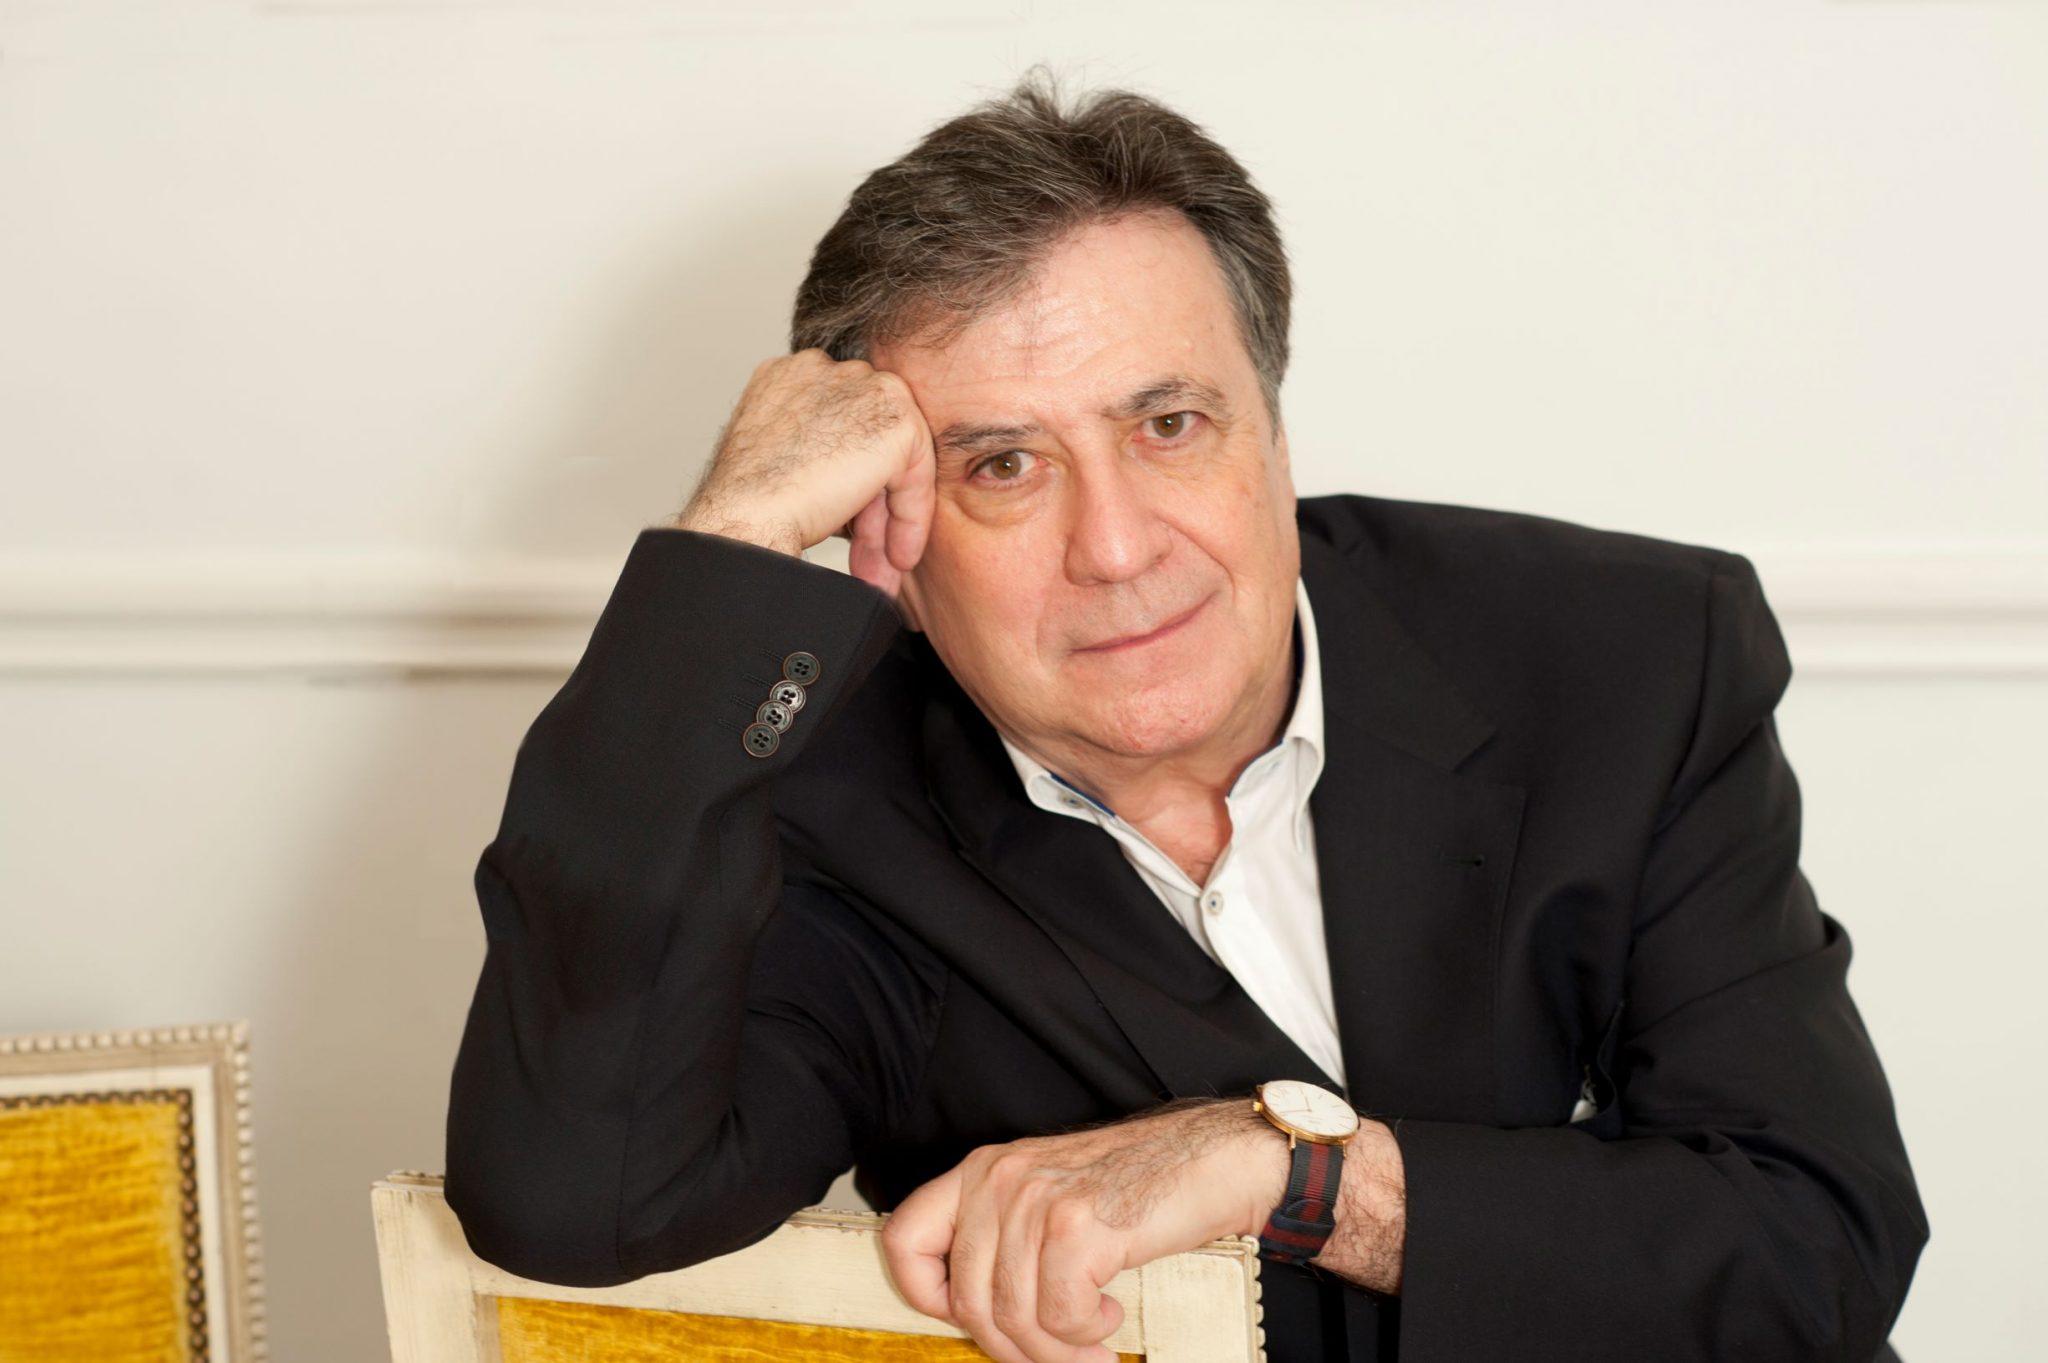 El escritor critica que la política 'del insulto' deriva en la falta de pensamiento y en un clima tóxico en España. DA